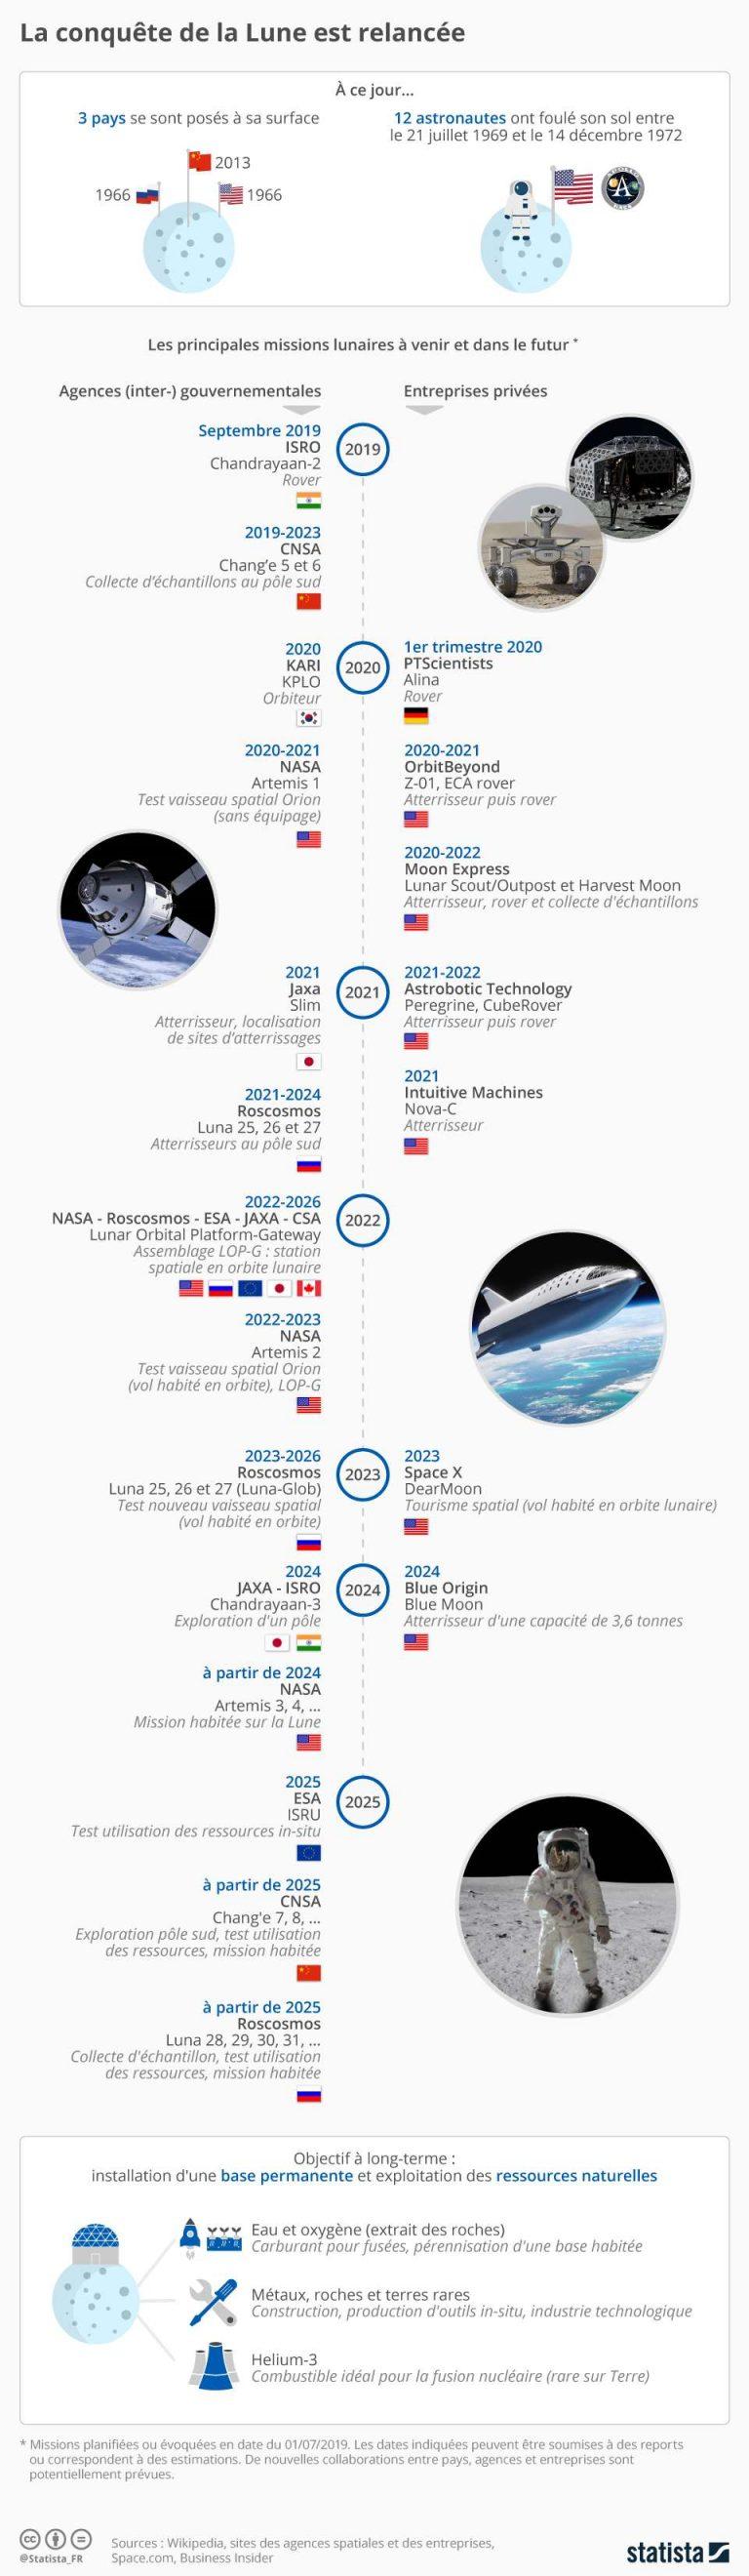 Infographie: La conquête de la Lune est relancée